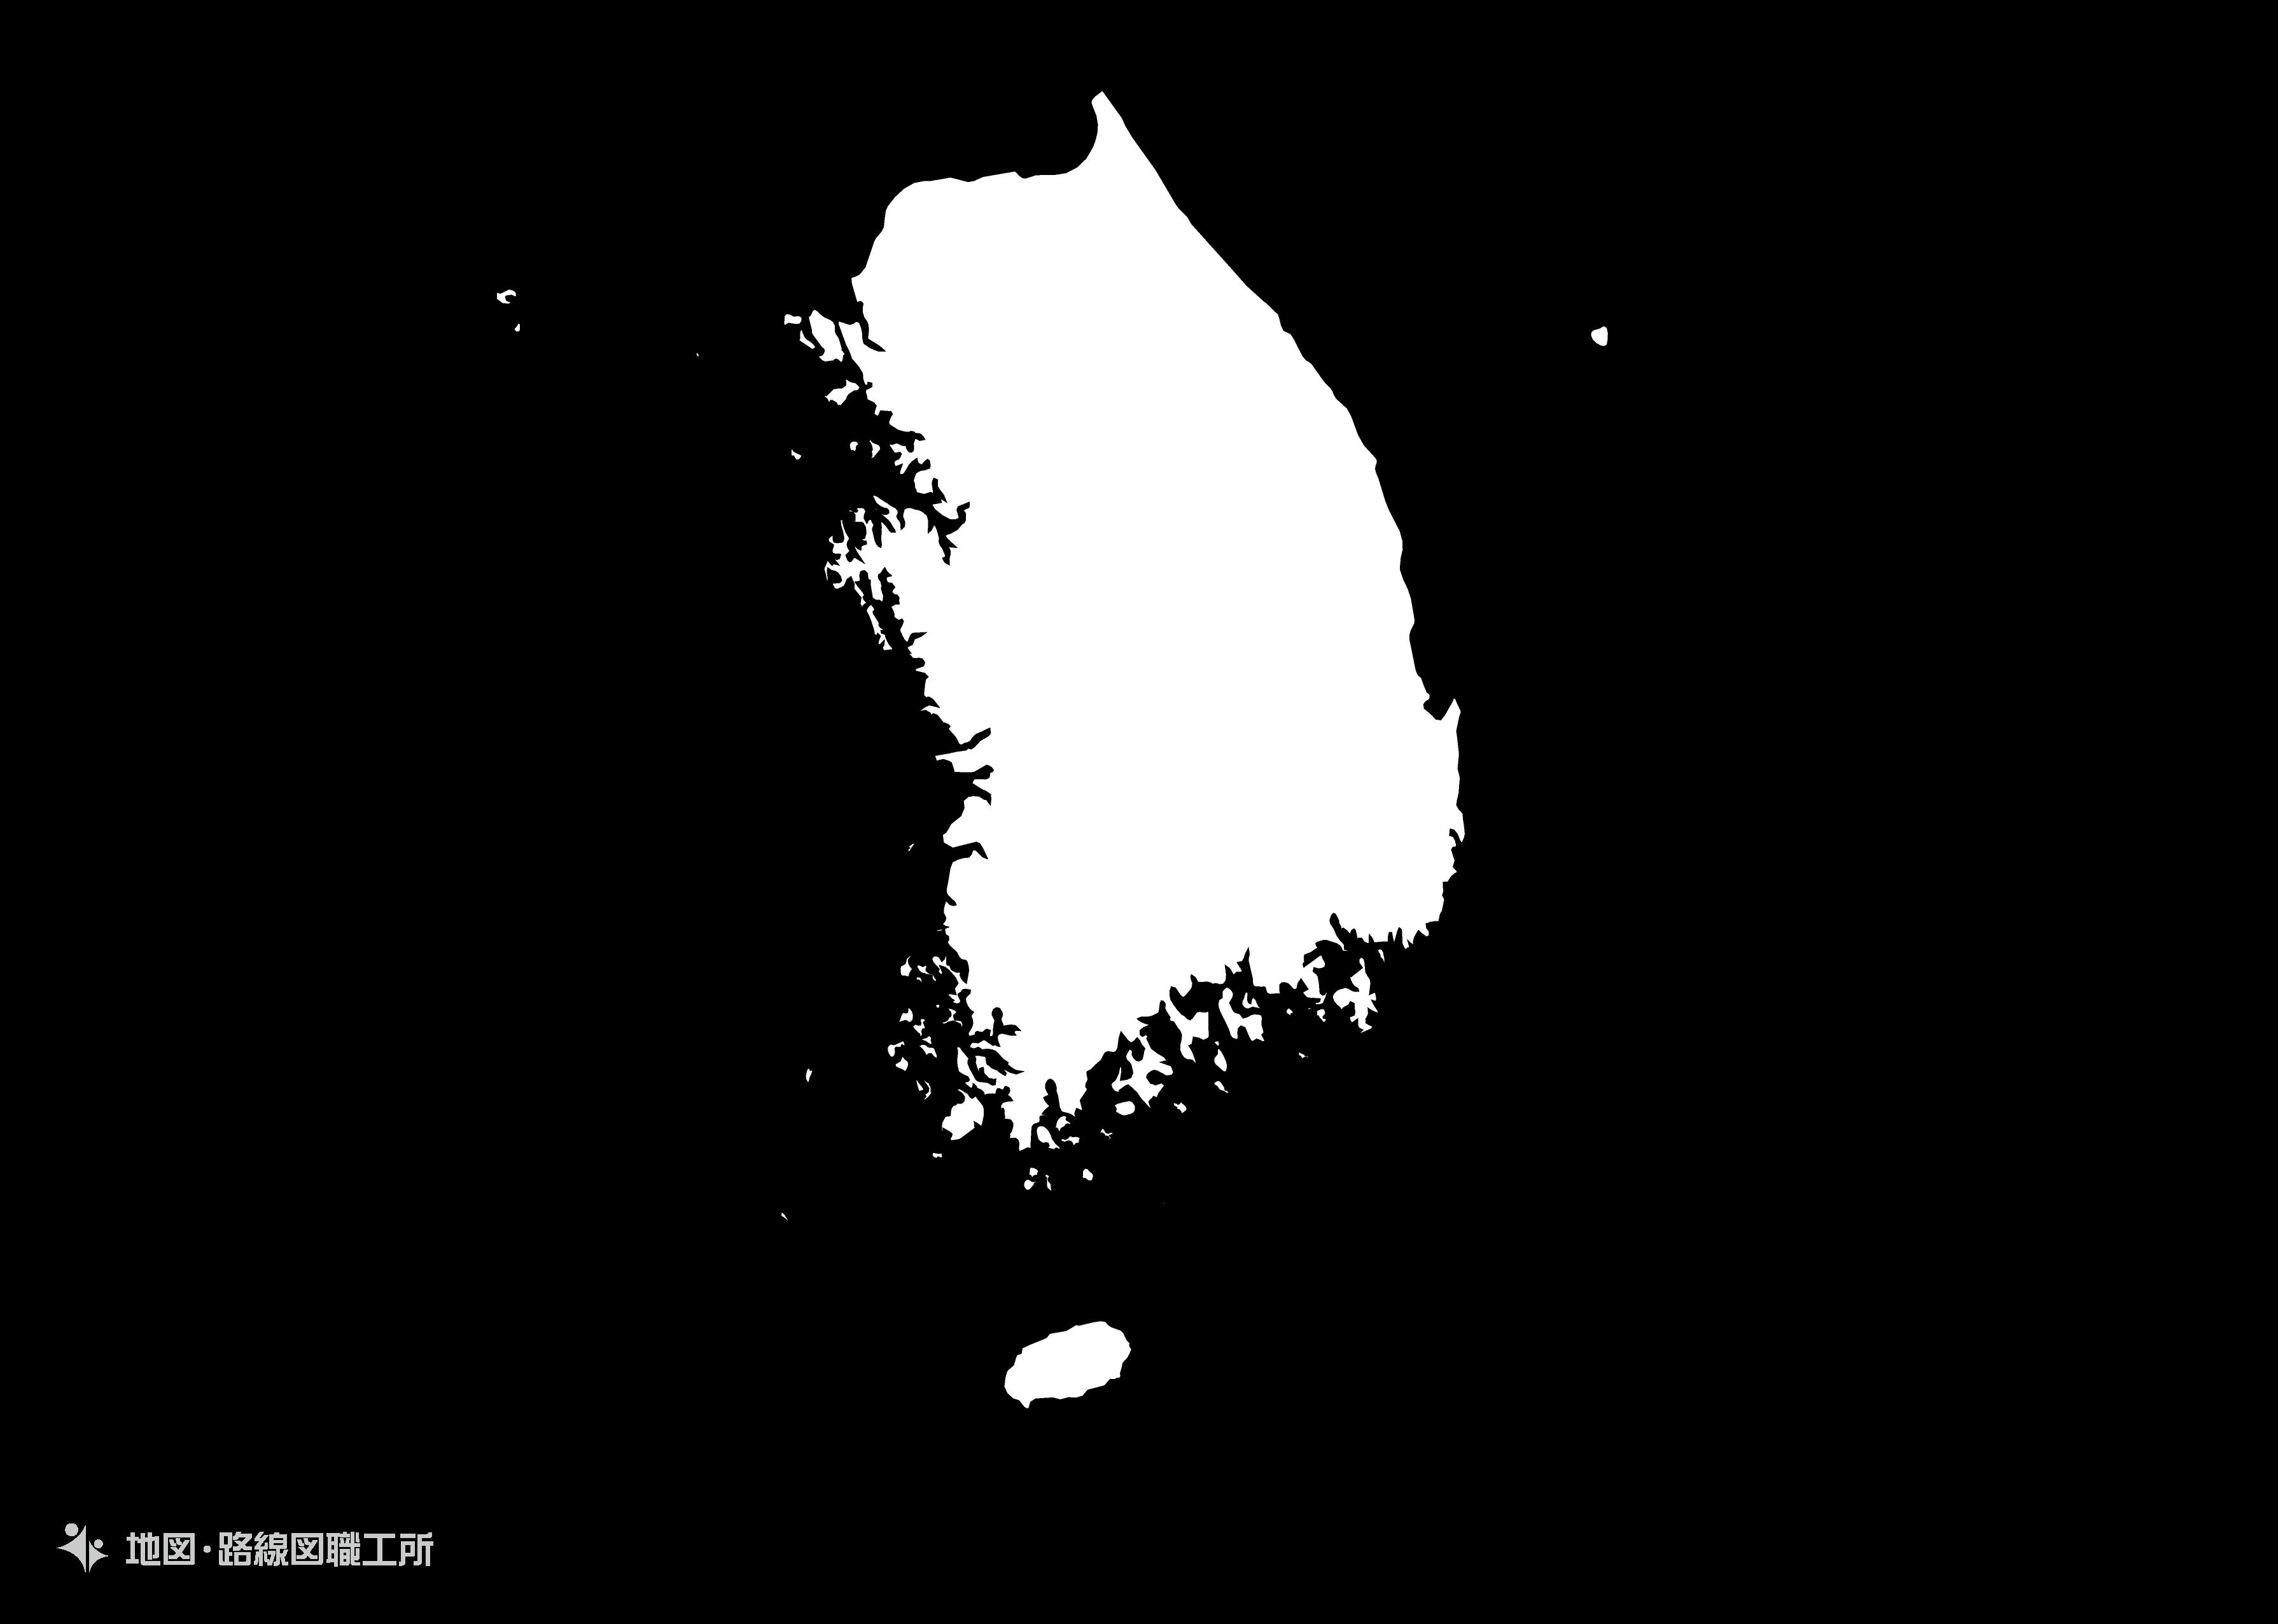 大韓民国 白地図のイラスト 白地図 ダウンロード 首都